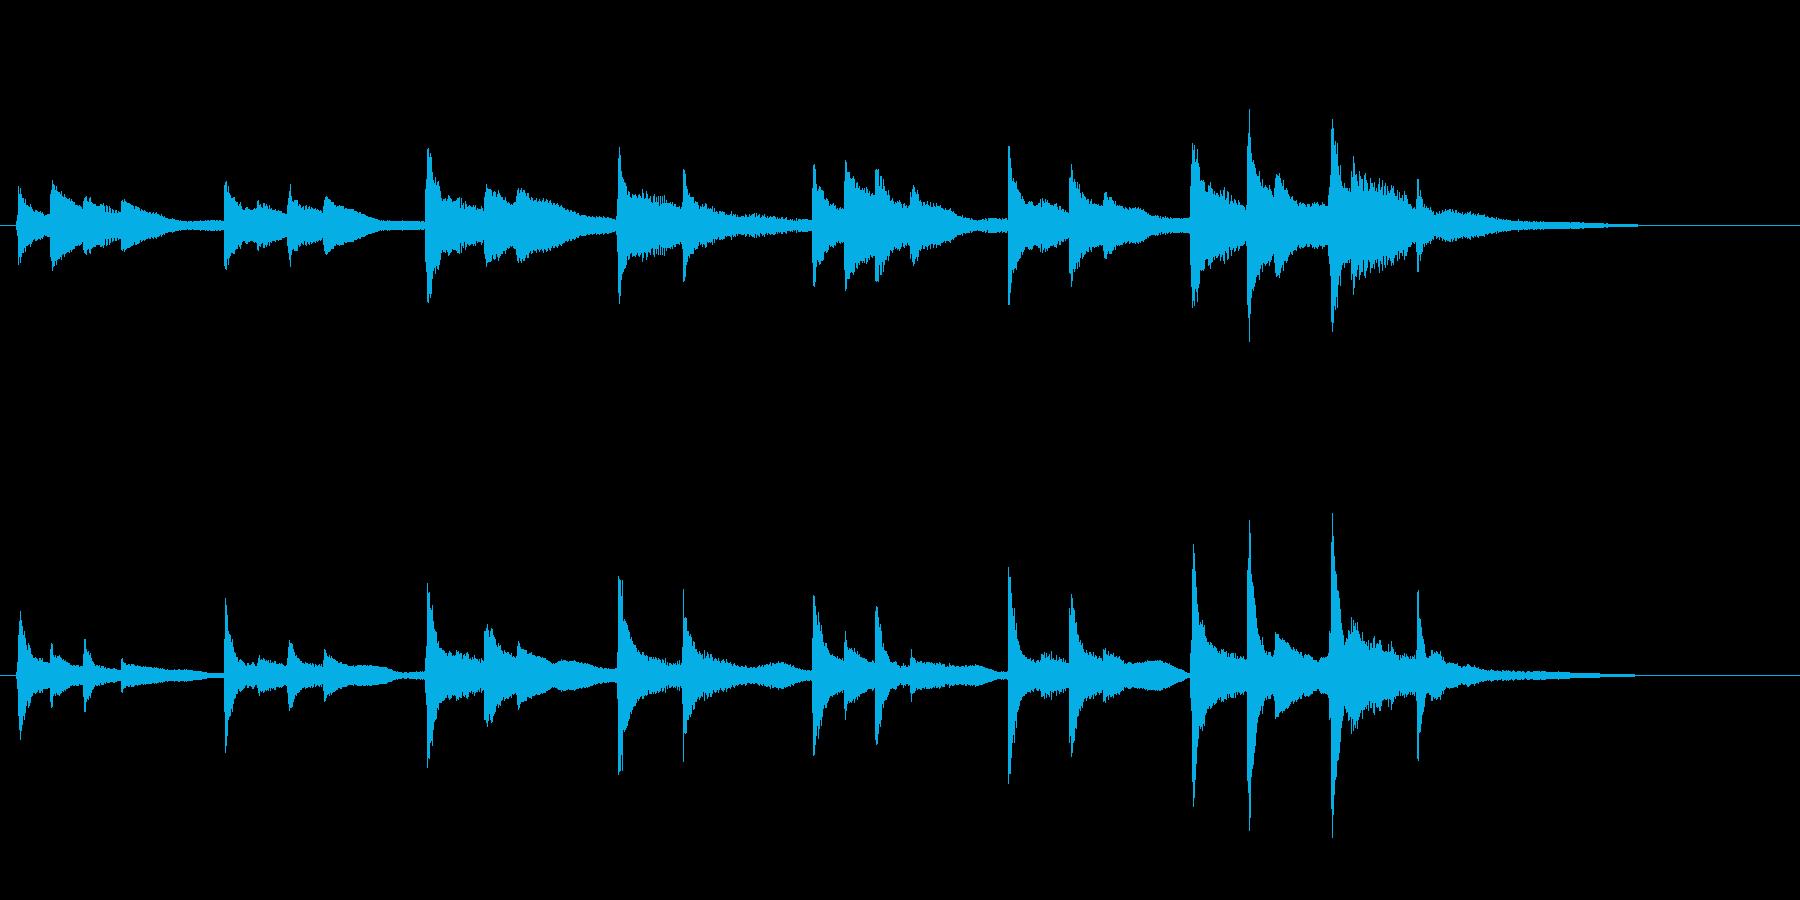 張りつめた気持ちを表すピアノ曲の再生済みの波形